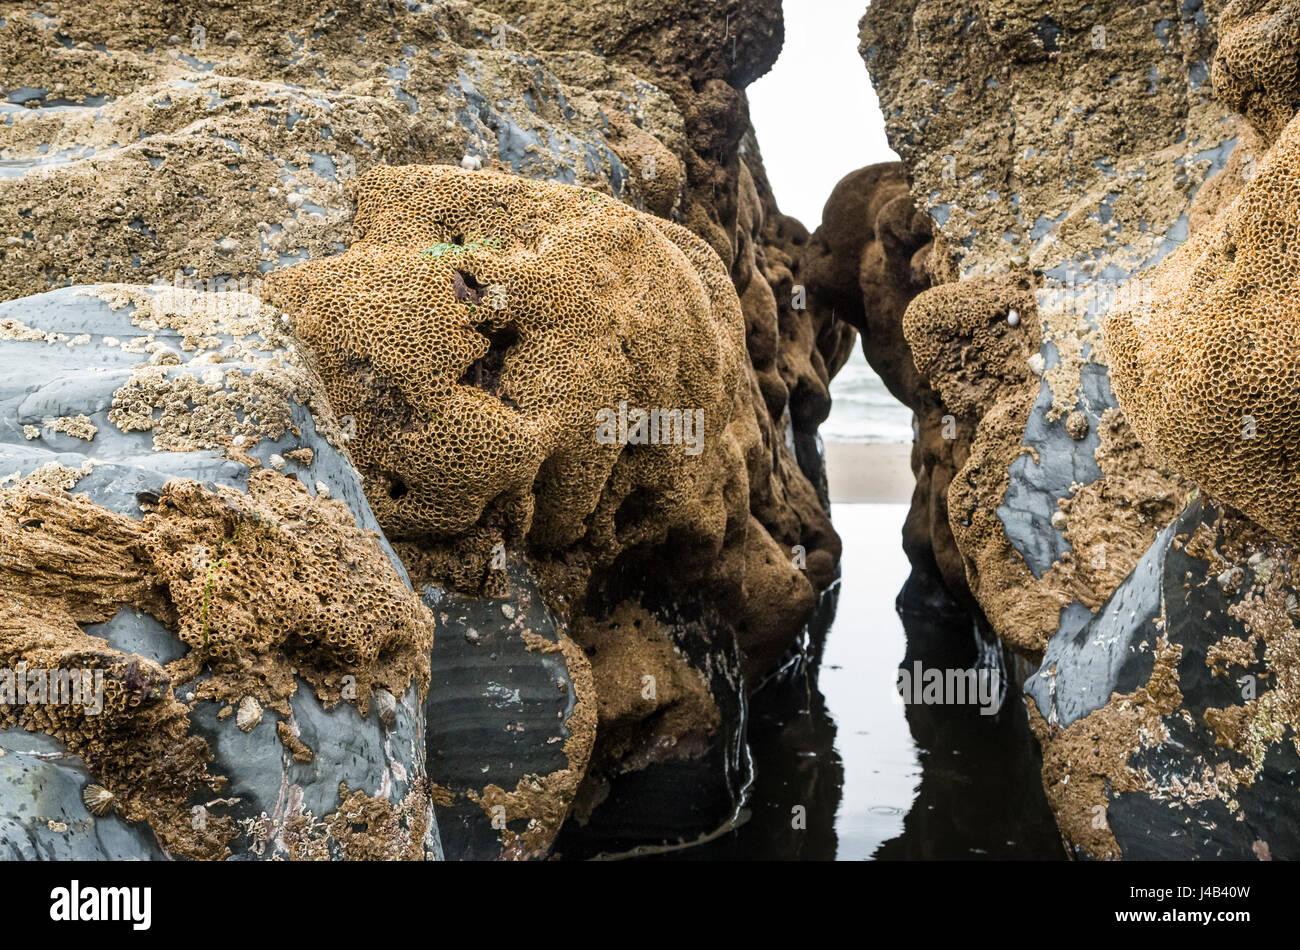 Rocas cubiertas de percebes (muchas cáscaras vacías) en la playa, Gales, Reino Unido Foto de stock